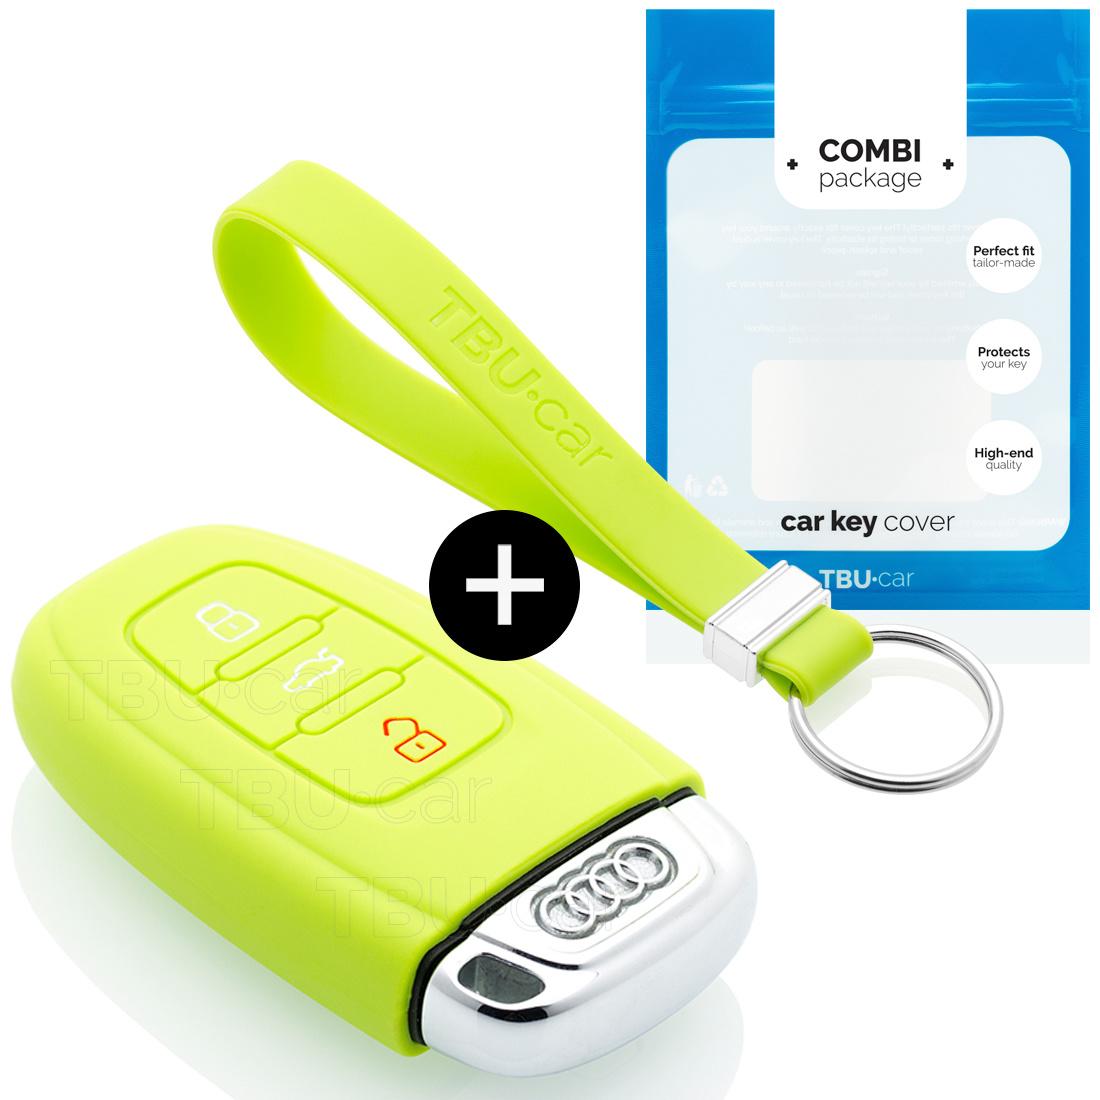 TBU car TBU car Autoschlüssel Hülle kompatibel mit Audi 3 Tasten (Keyless Entry) - Schutzhülle aus Silikon - Auto Schlüsselhülle Cover in Lindgrün